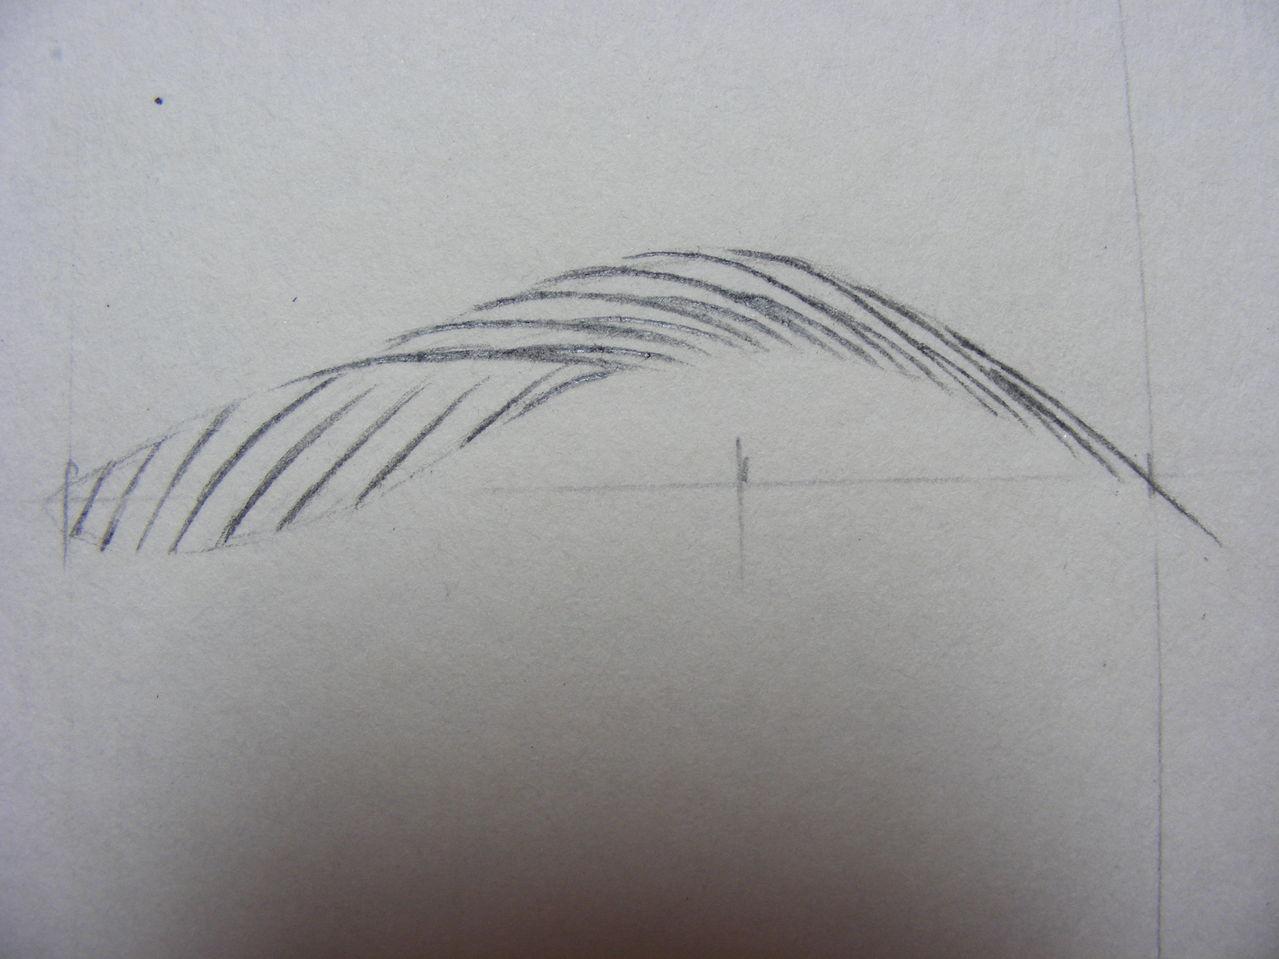 3d素描眼睛的画法步骤 素描眼睛的画法步骤